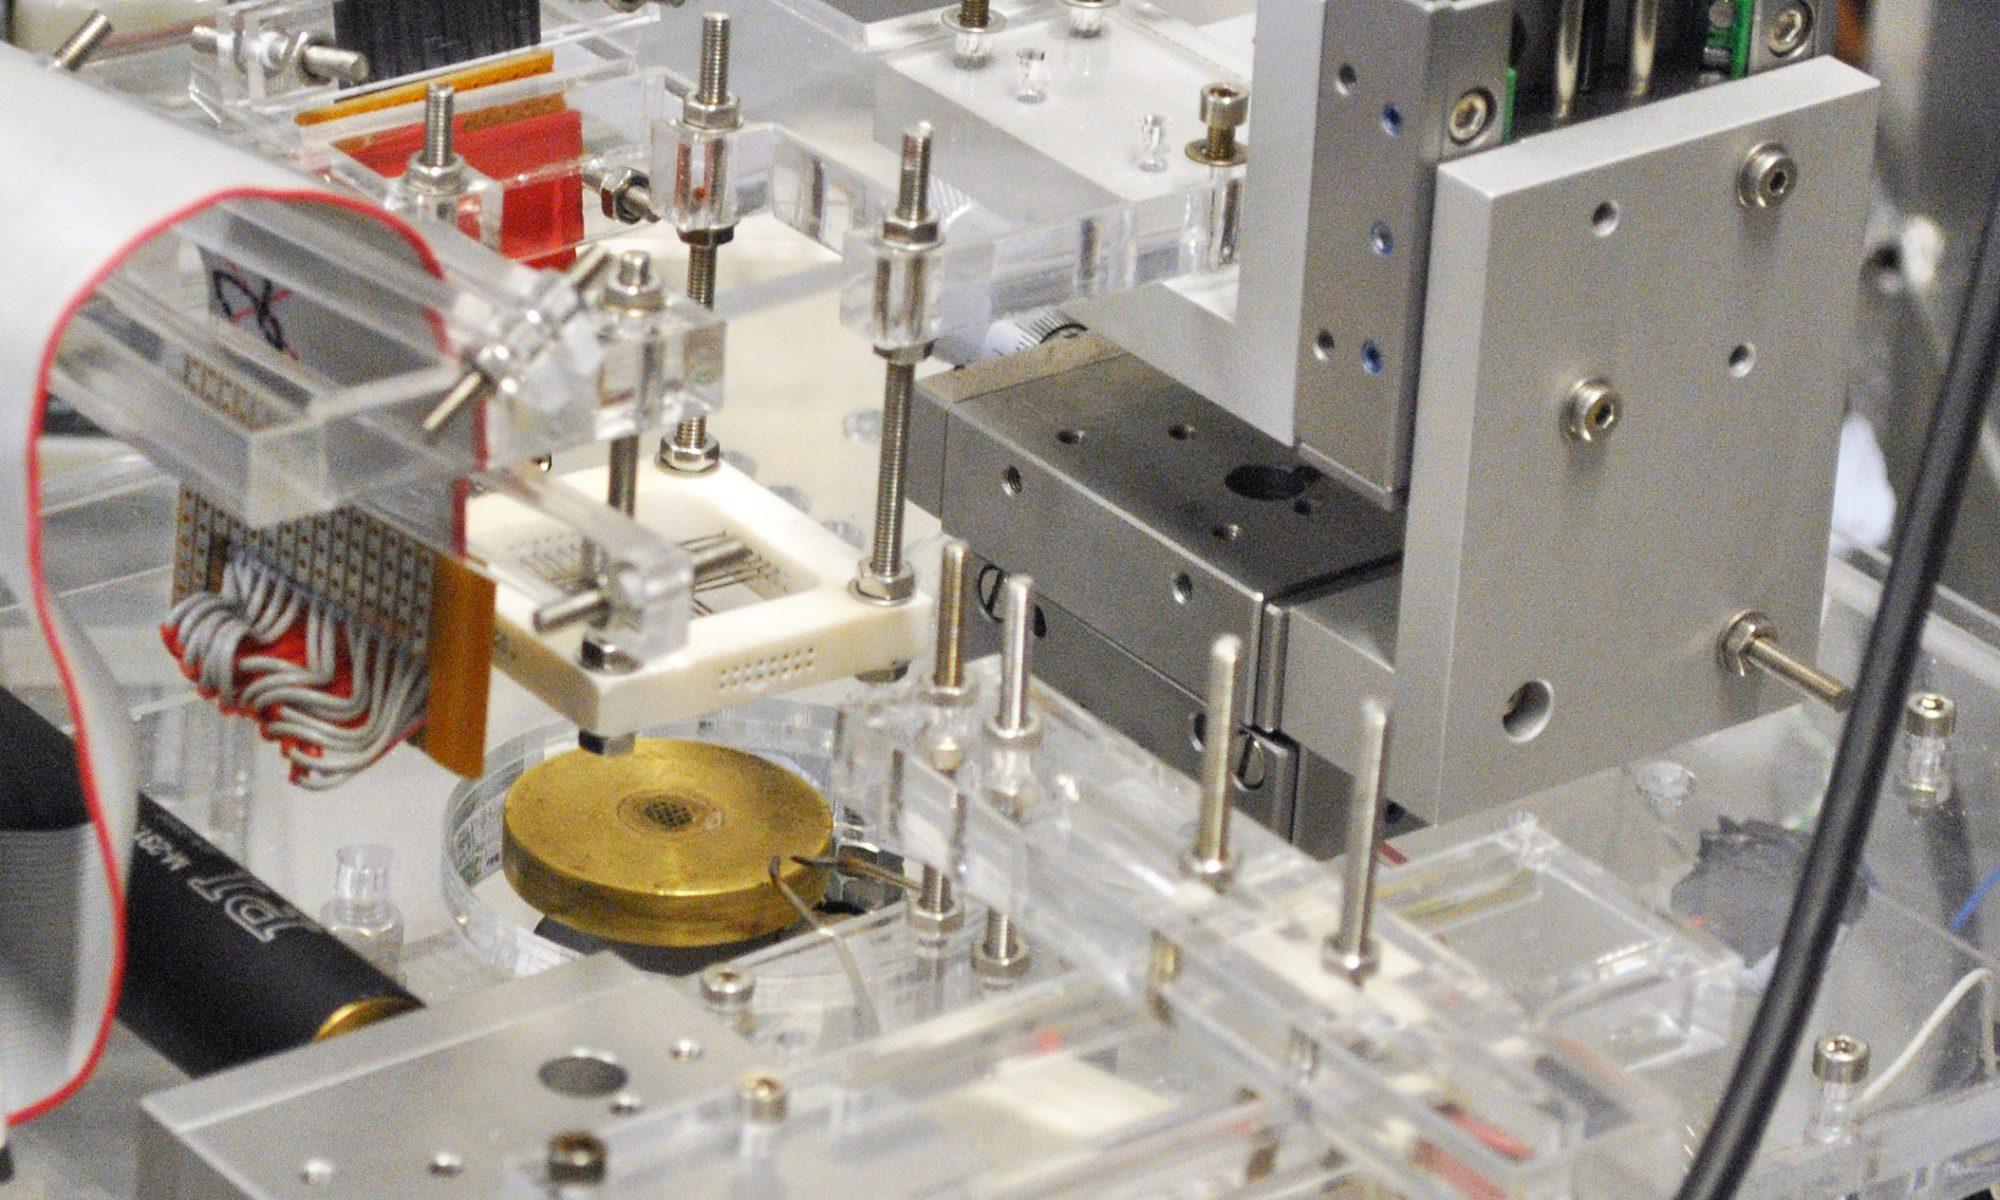 TB testing machine